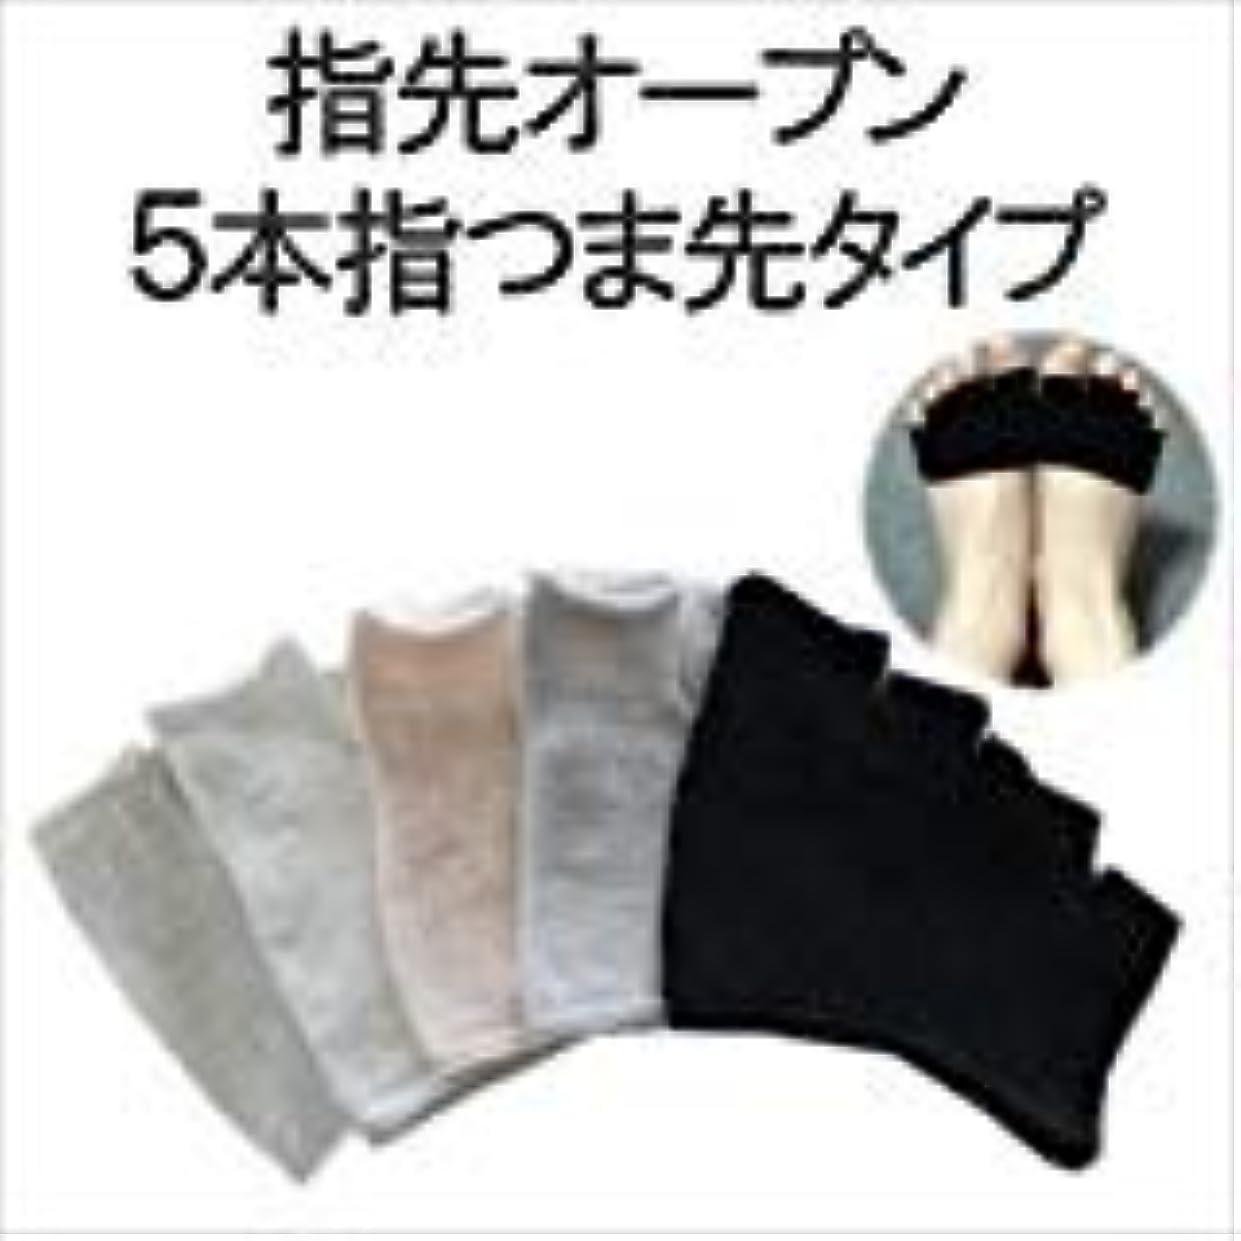 重ね履き用 5本指 指先オープン 汗 臭い対策 男女兼用 太陽ニット 310 (ブラック)